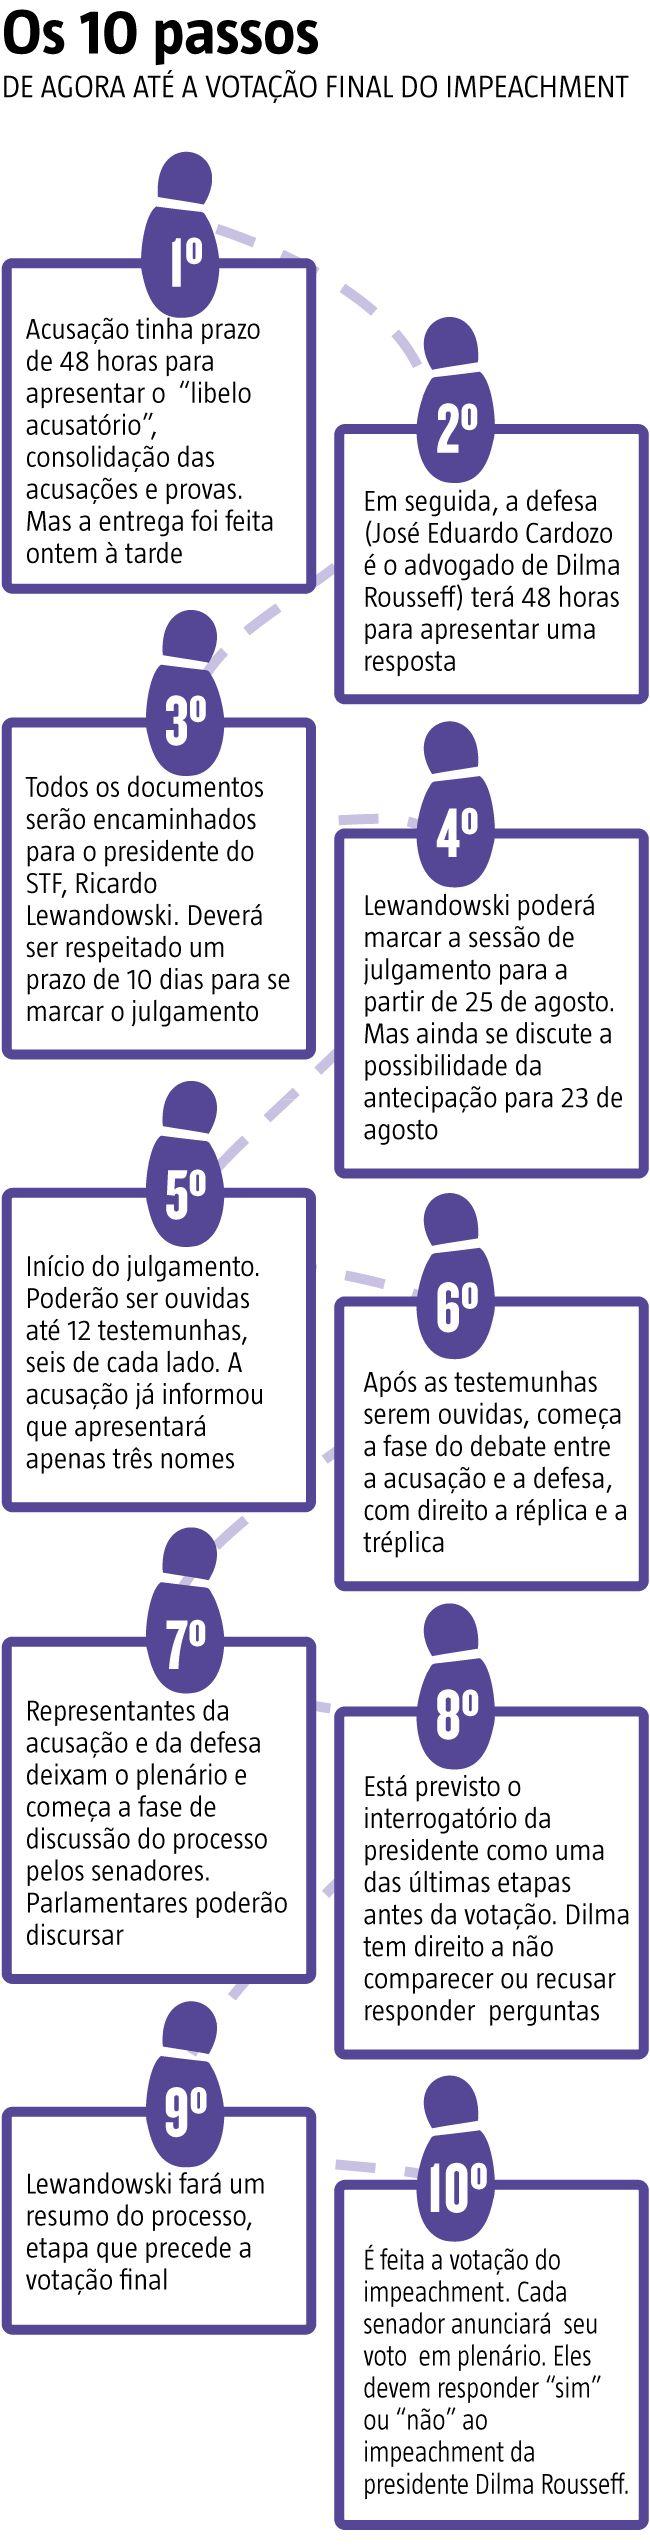 O resultado da votação no Senado, que tornou Dilma Rousseff (PT) ré no processo de impedimento, indica que será muito difícil para a presidente afastada conseguir barrar o impeachment. No veredito final, que deve acontecer a partir do dia 23 de agosto, a petista perderá definitivamente o mandato caso pelo menos 54 dos 81 parlamentares votem pelo afastamento da presidente. (11/08/2016) #Impeachment #Dilma #Rito #Lewandowski #Infográfico #Infografia #HojeEmDia